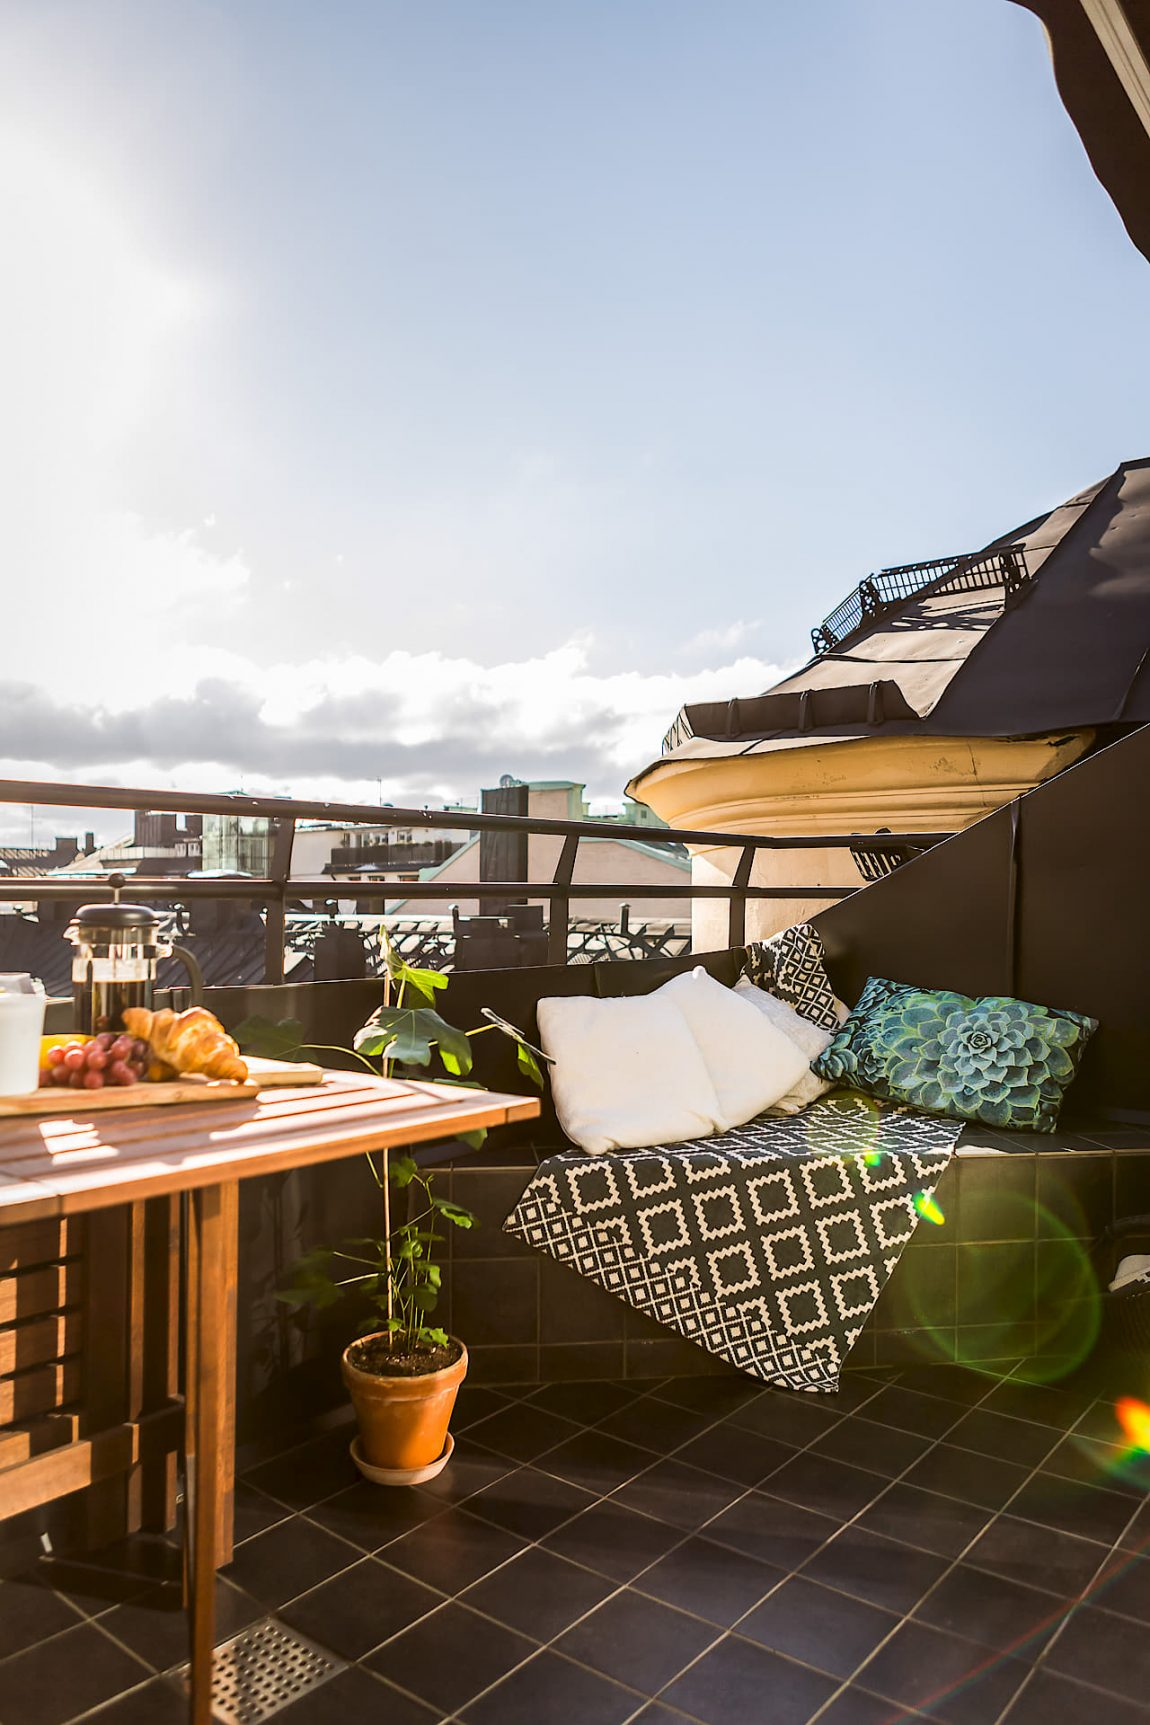 klein balkon inrichten met een vaste bank, tafel én hangmat